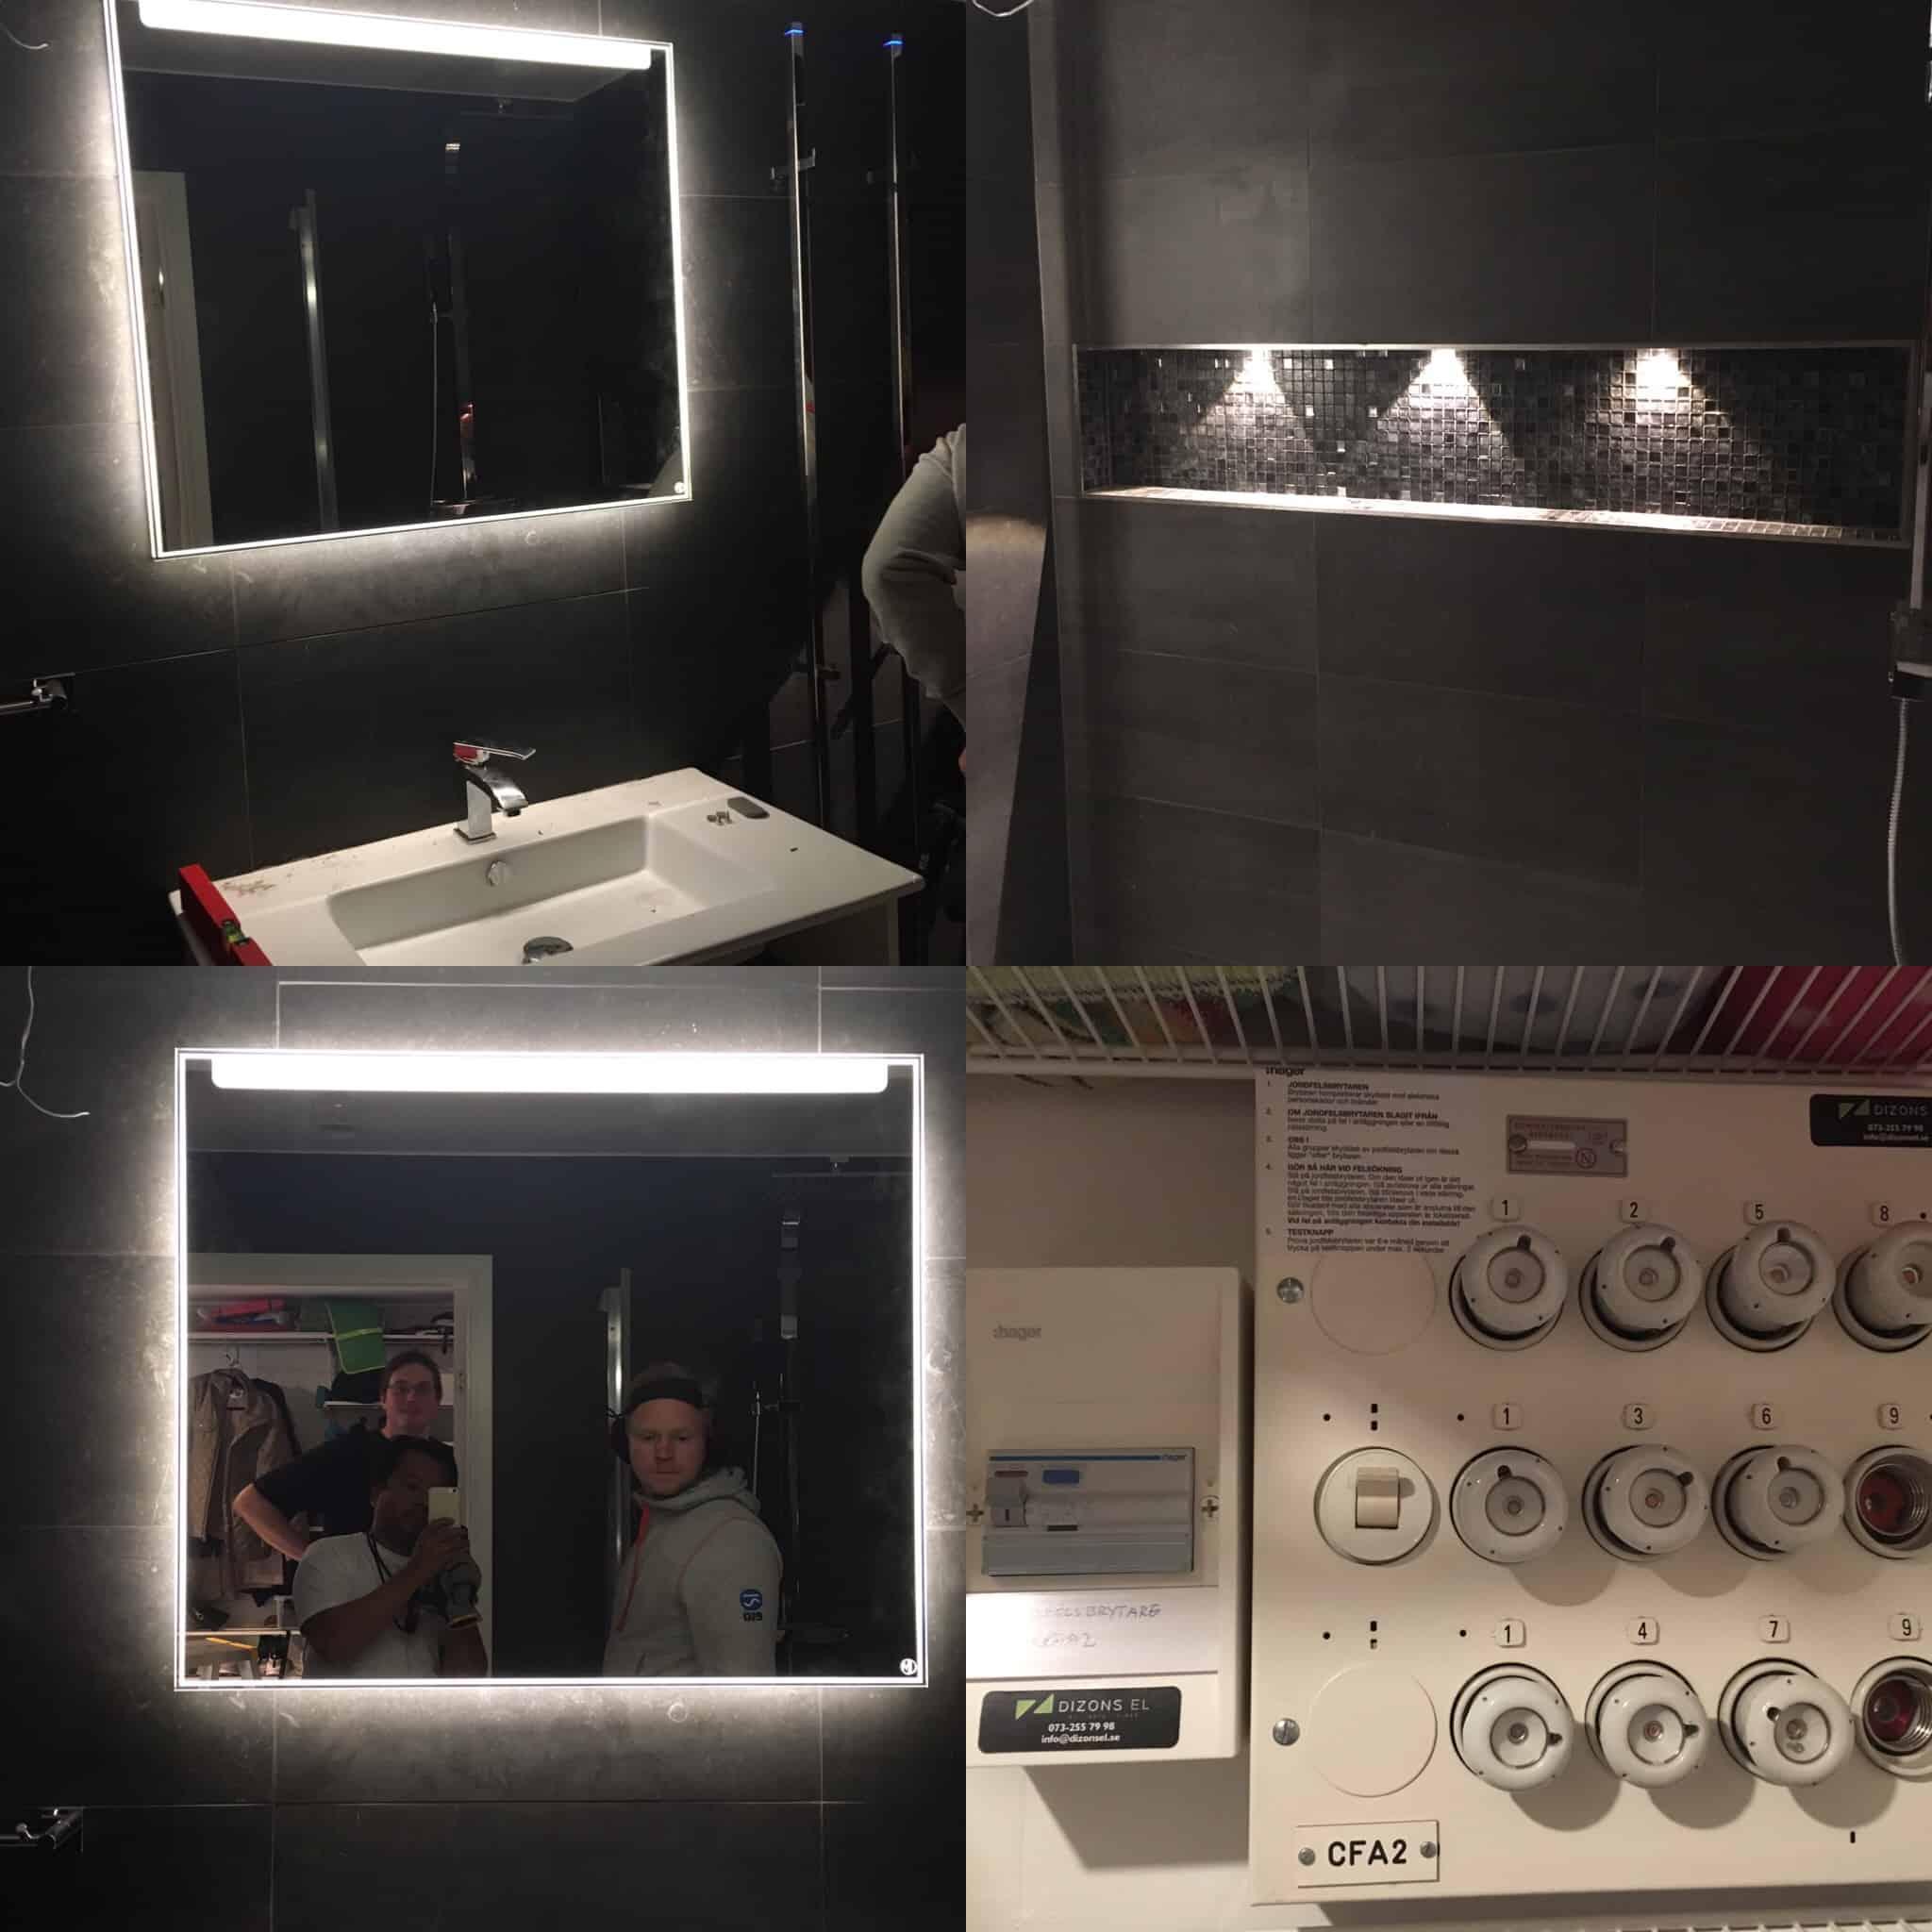 """Referensjobb """"Belysning i badrummet, LED spottar."""" utfört av Dizons EL AB"""